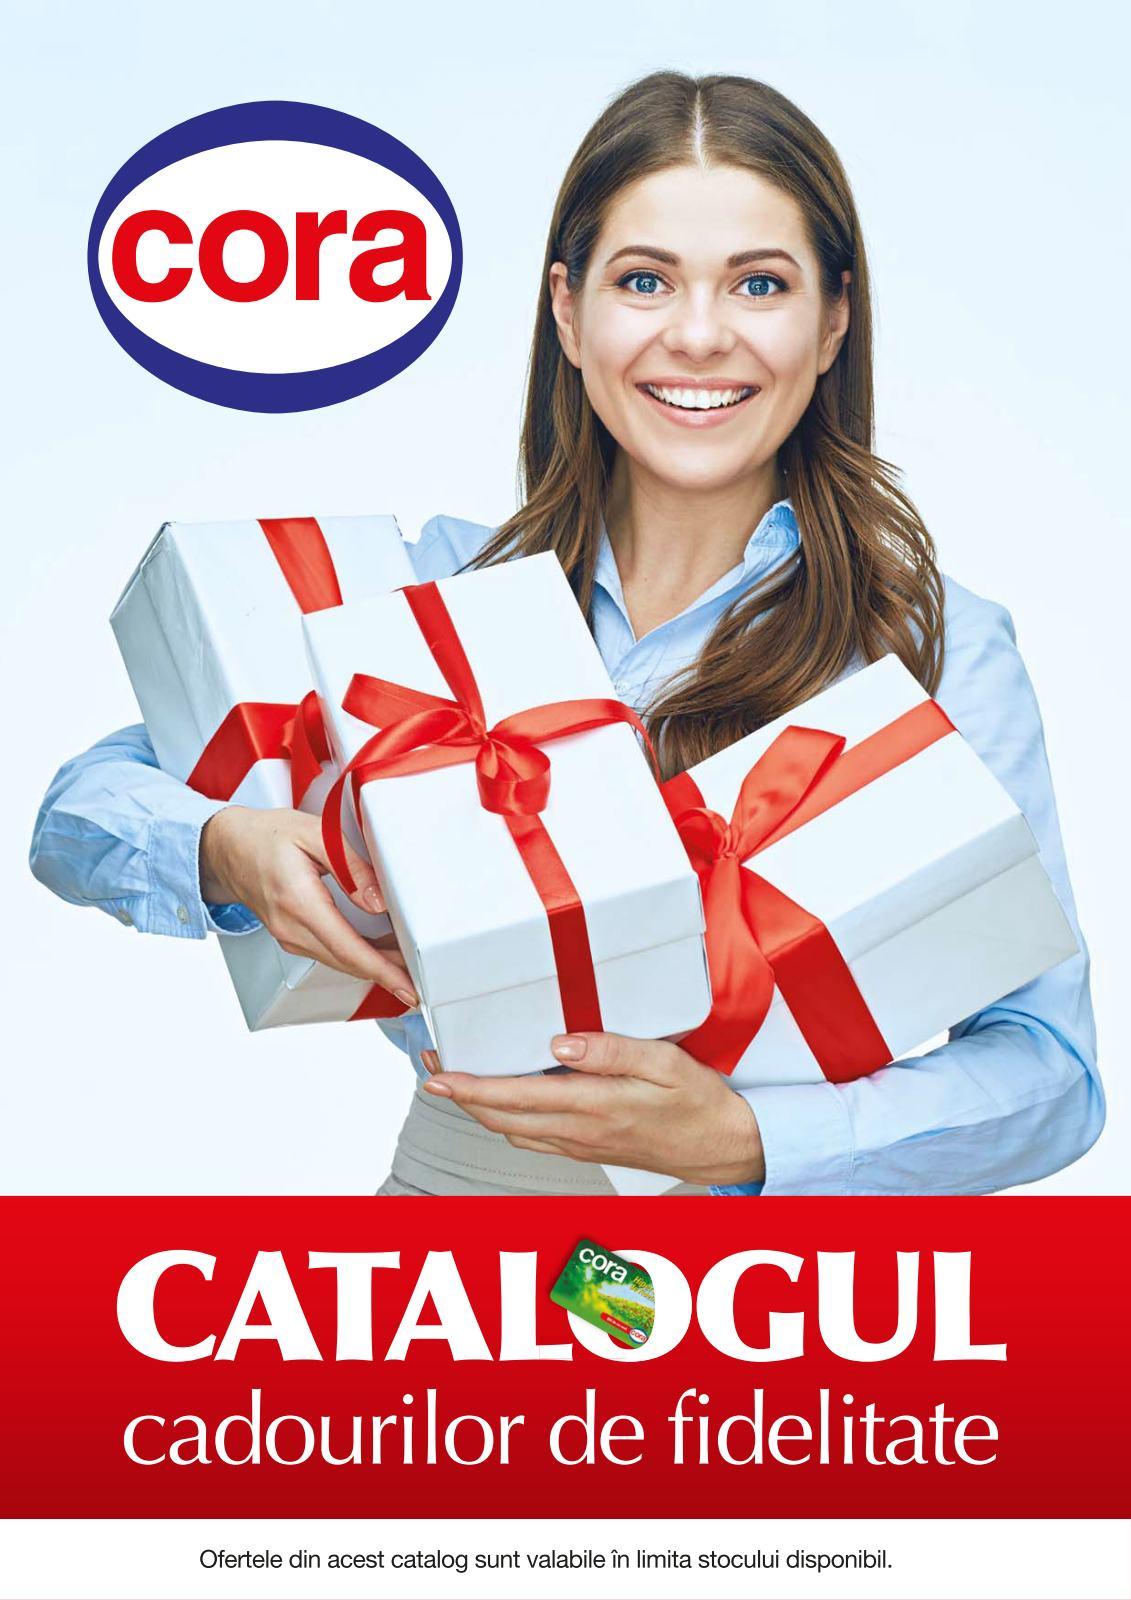 Cora Cadouri Fidelitate 20 Decembrie – 01 Ianuarie 2019 14367faa41